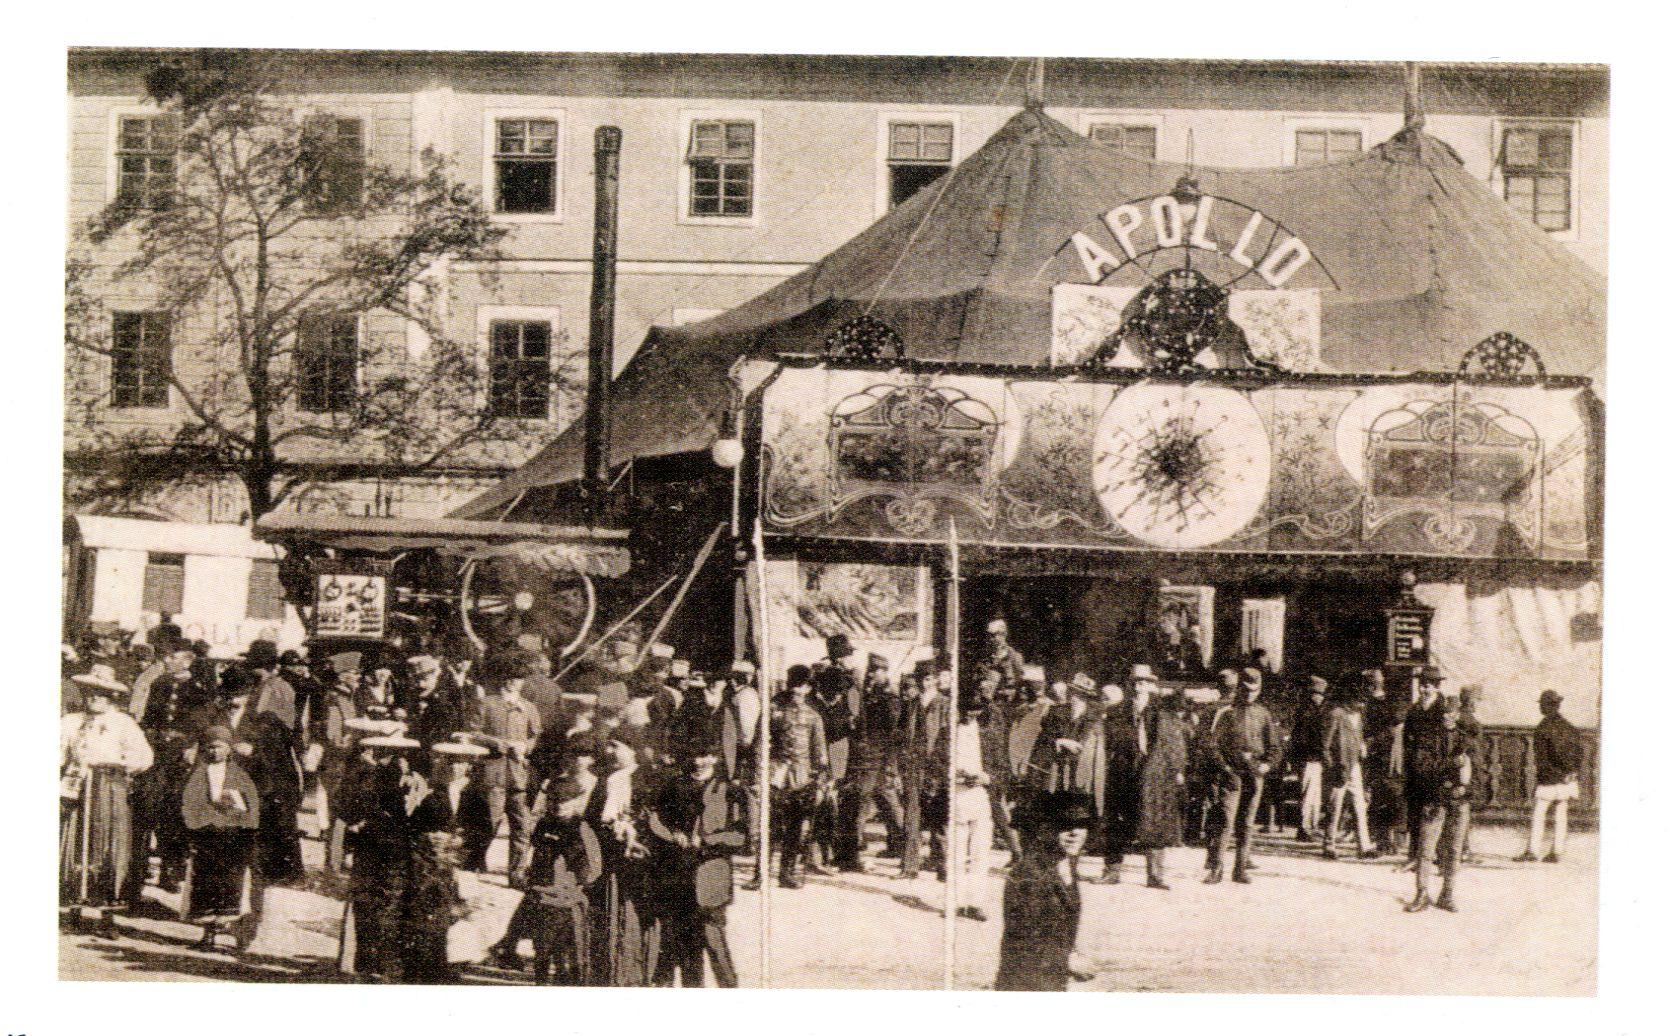 Cinema Apollo, proprietar Emil Toth, fotografie din 1910 din colecția lui Konrad Klein